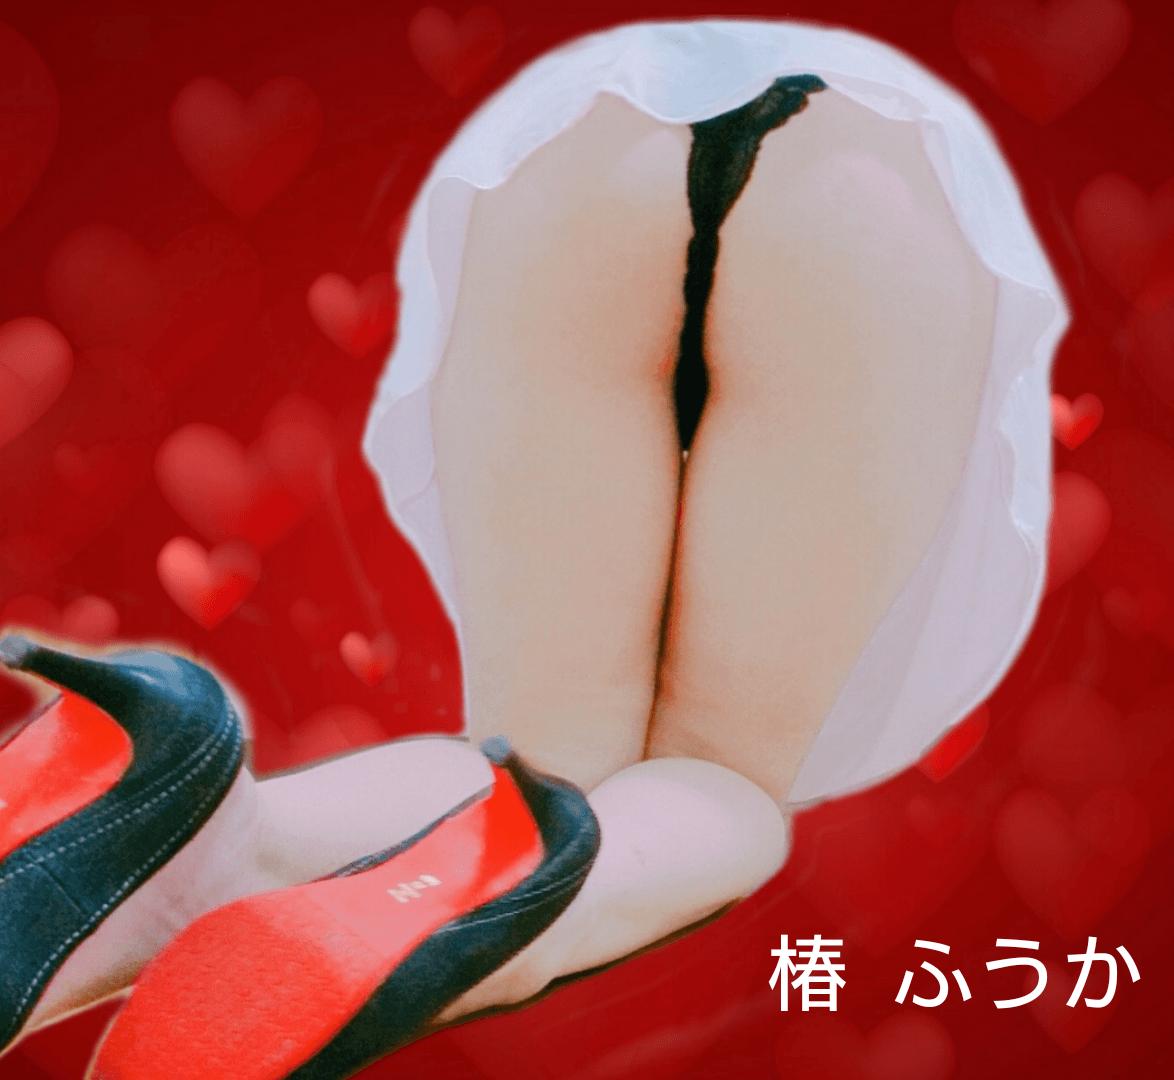 「ふうか 新・回春マッサージ椿」09/21(09/21) 12:01 | ふうかの写メ・風俗動画